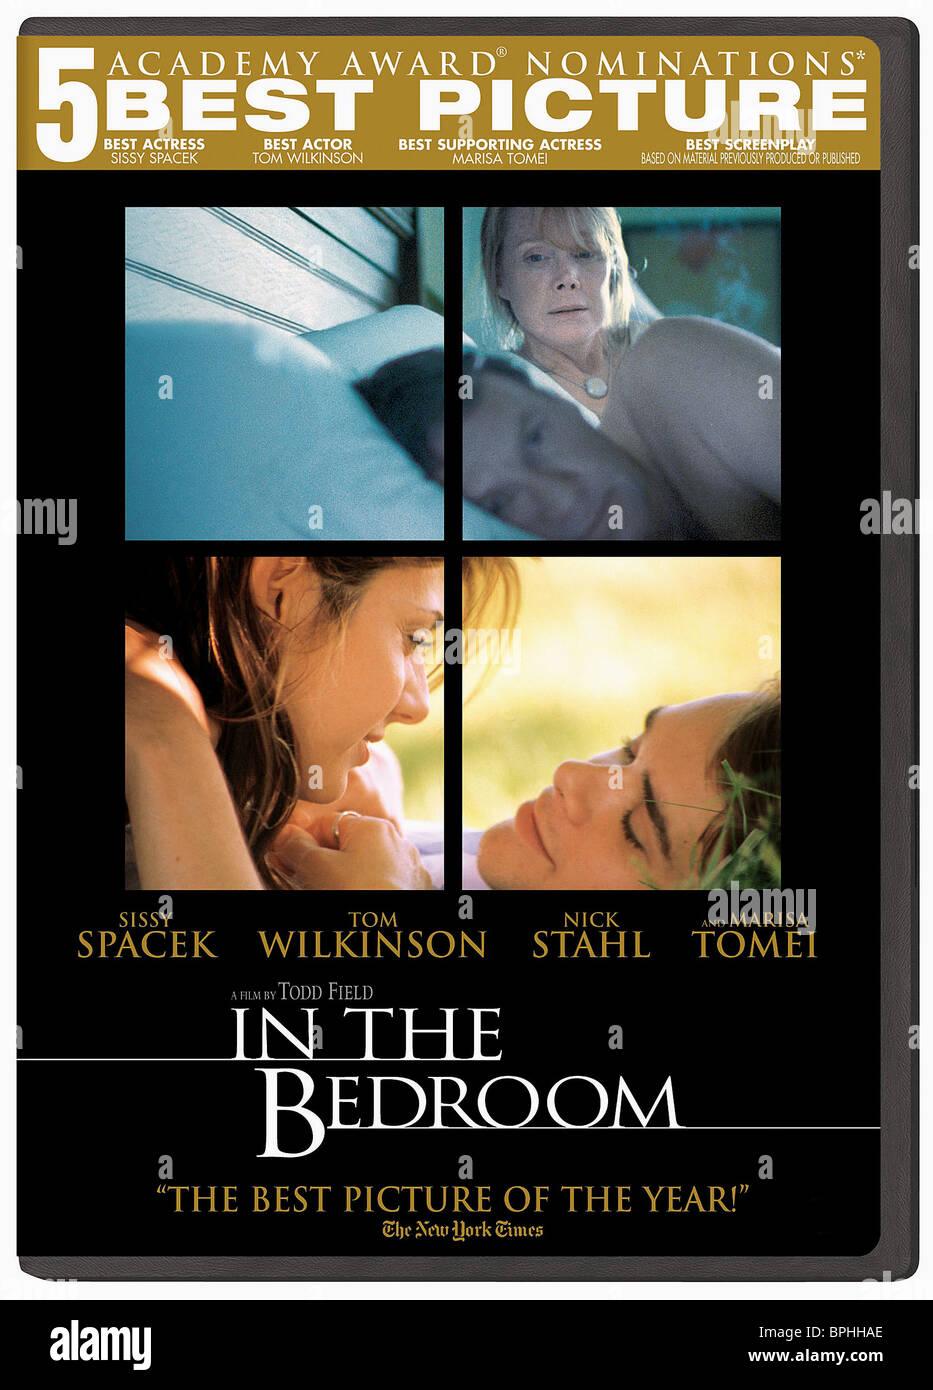 Sissy Spacek Tom Wilkinson Marisa Tomei Nick Stahl In The Bedroom Stock Photo Alamy